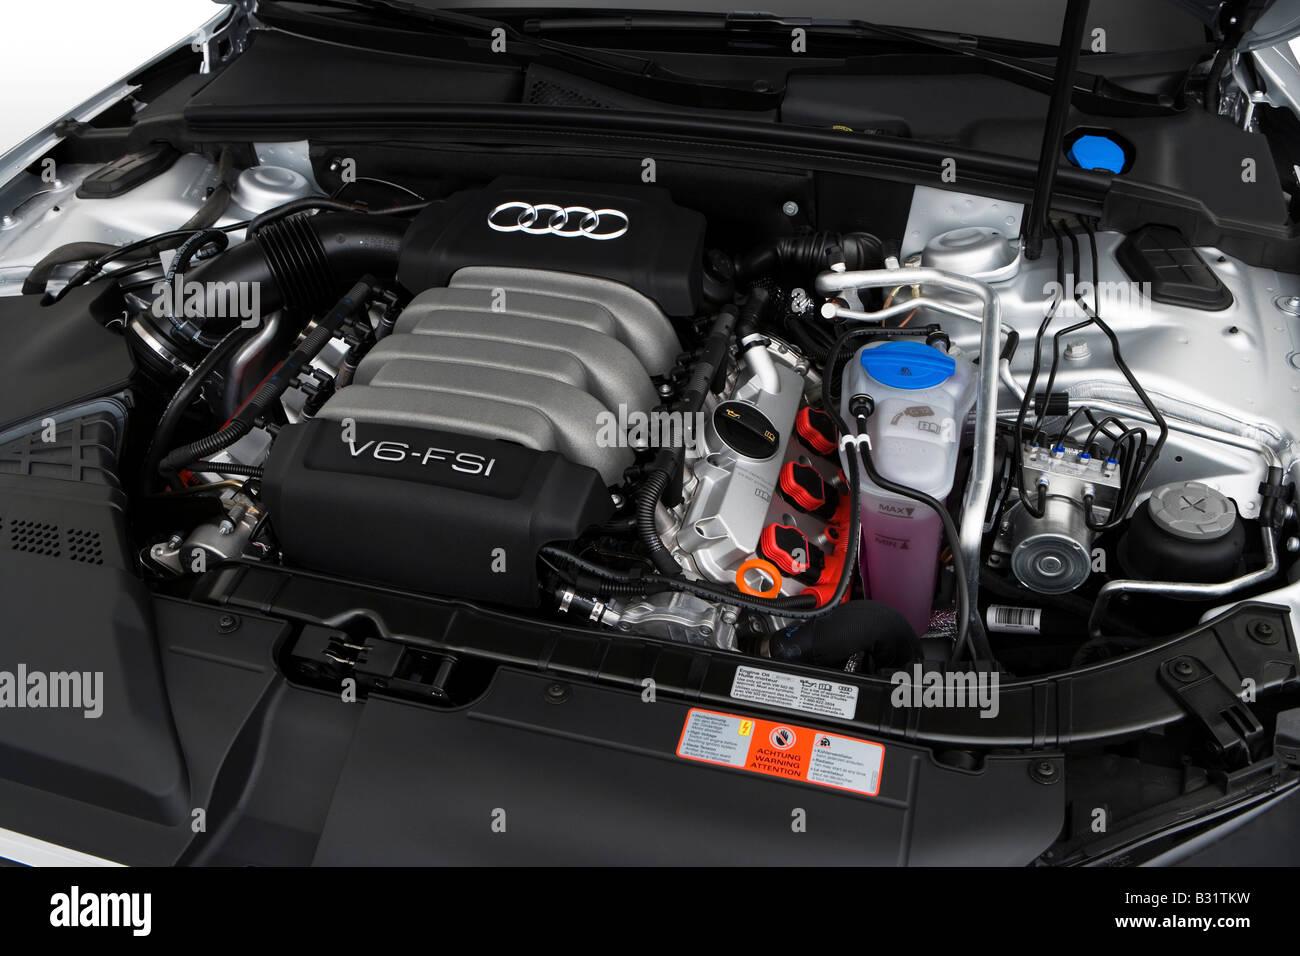 Kelebihan Kekurangan Audi A5 3.2 Fsi Murah Berkualitas